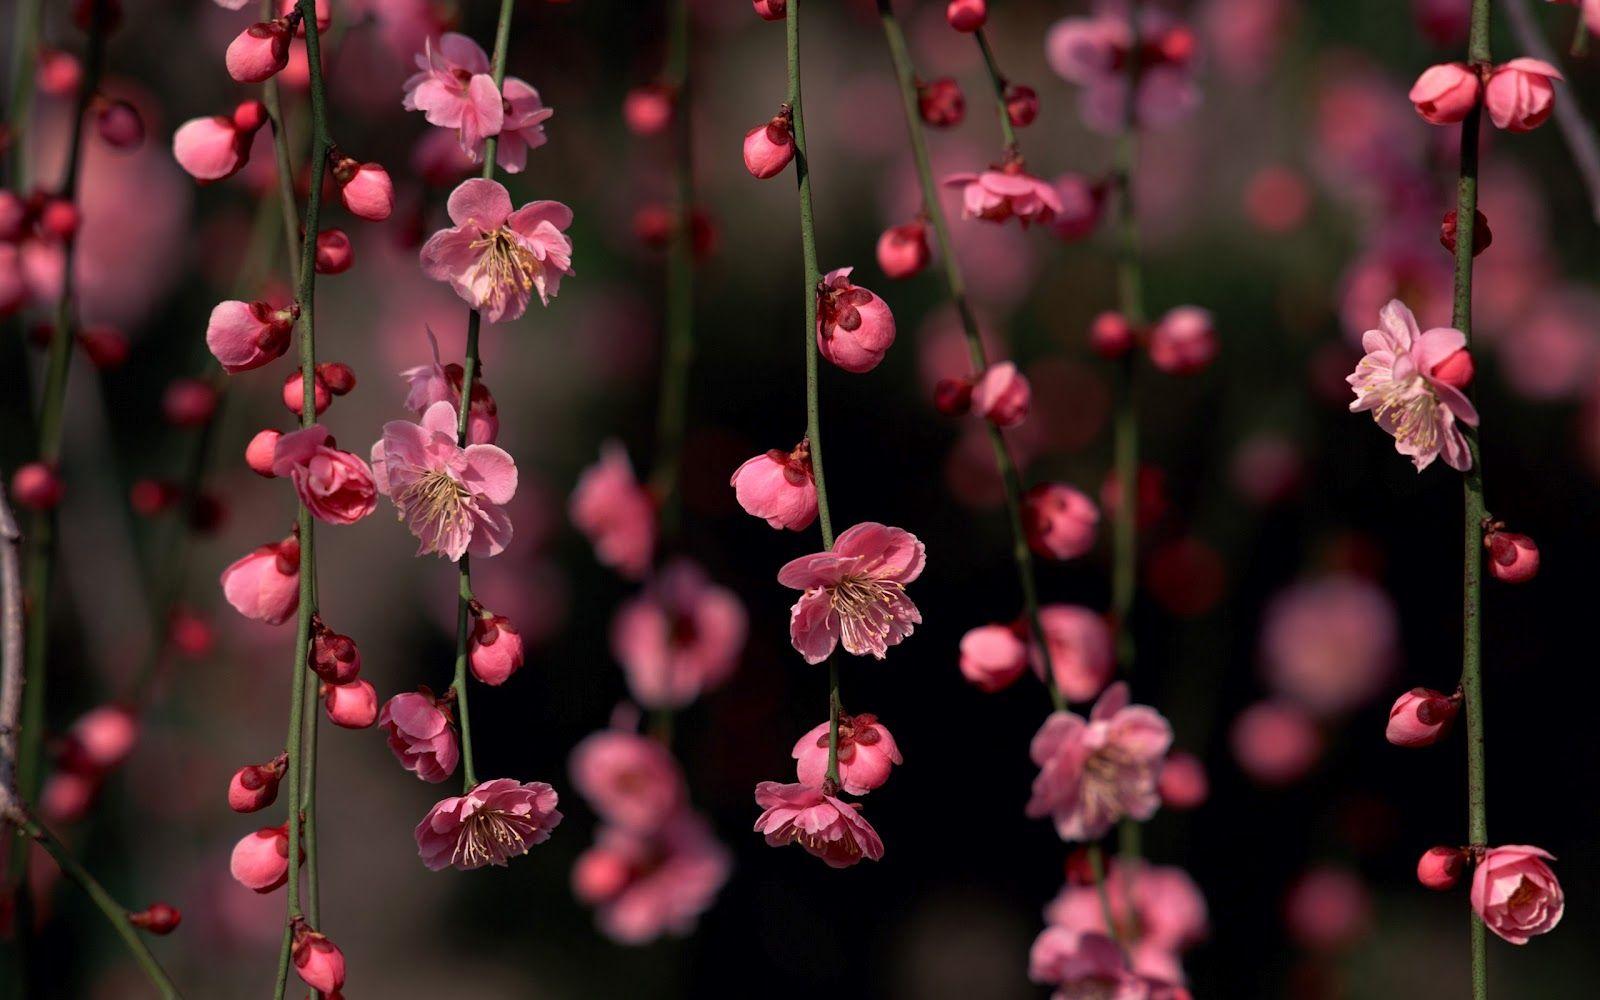 Pin De Ag Um En Flowers Papel Pintado Flores Fondos De Pantalla De Primavera Fondo De Pantalla Flor Rosa